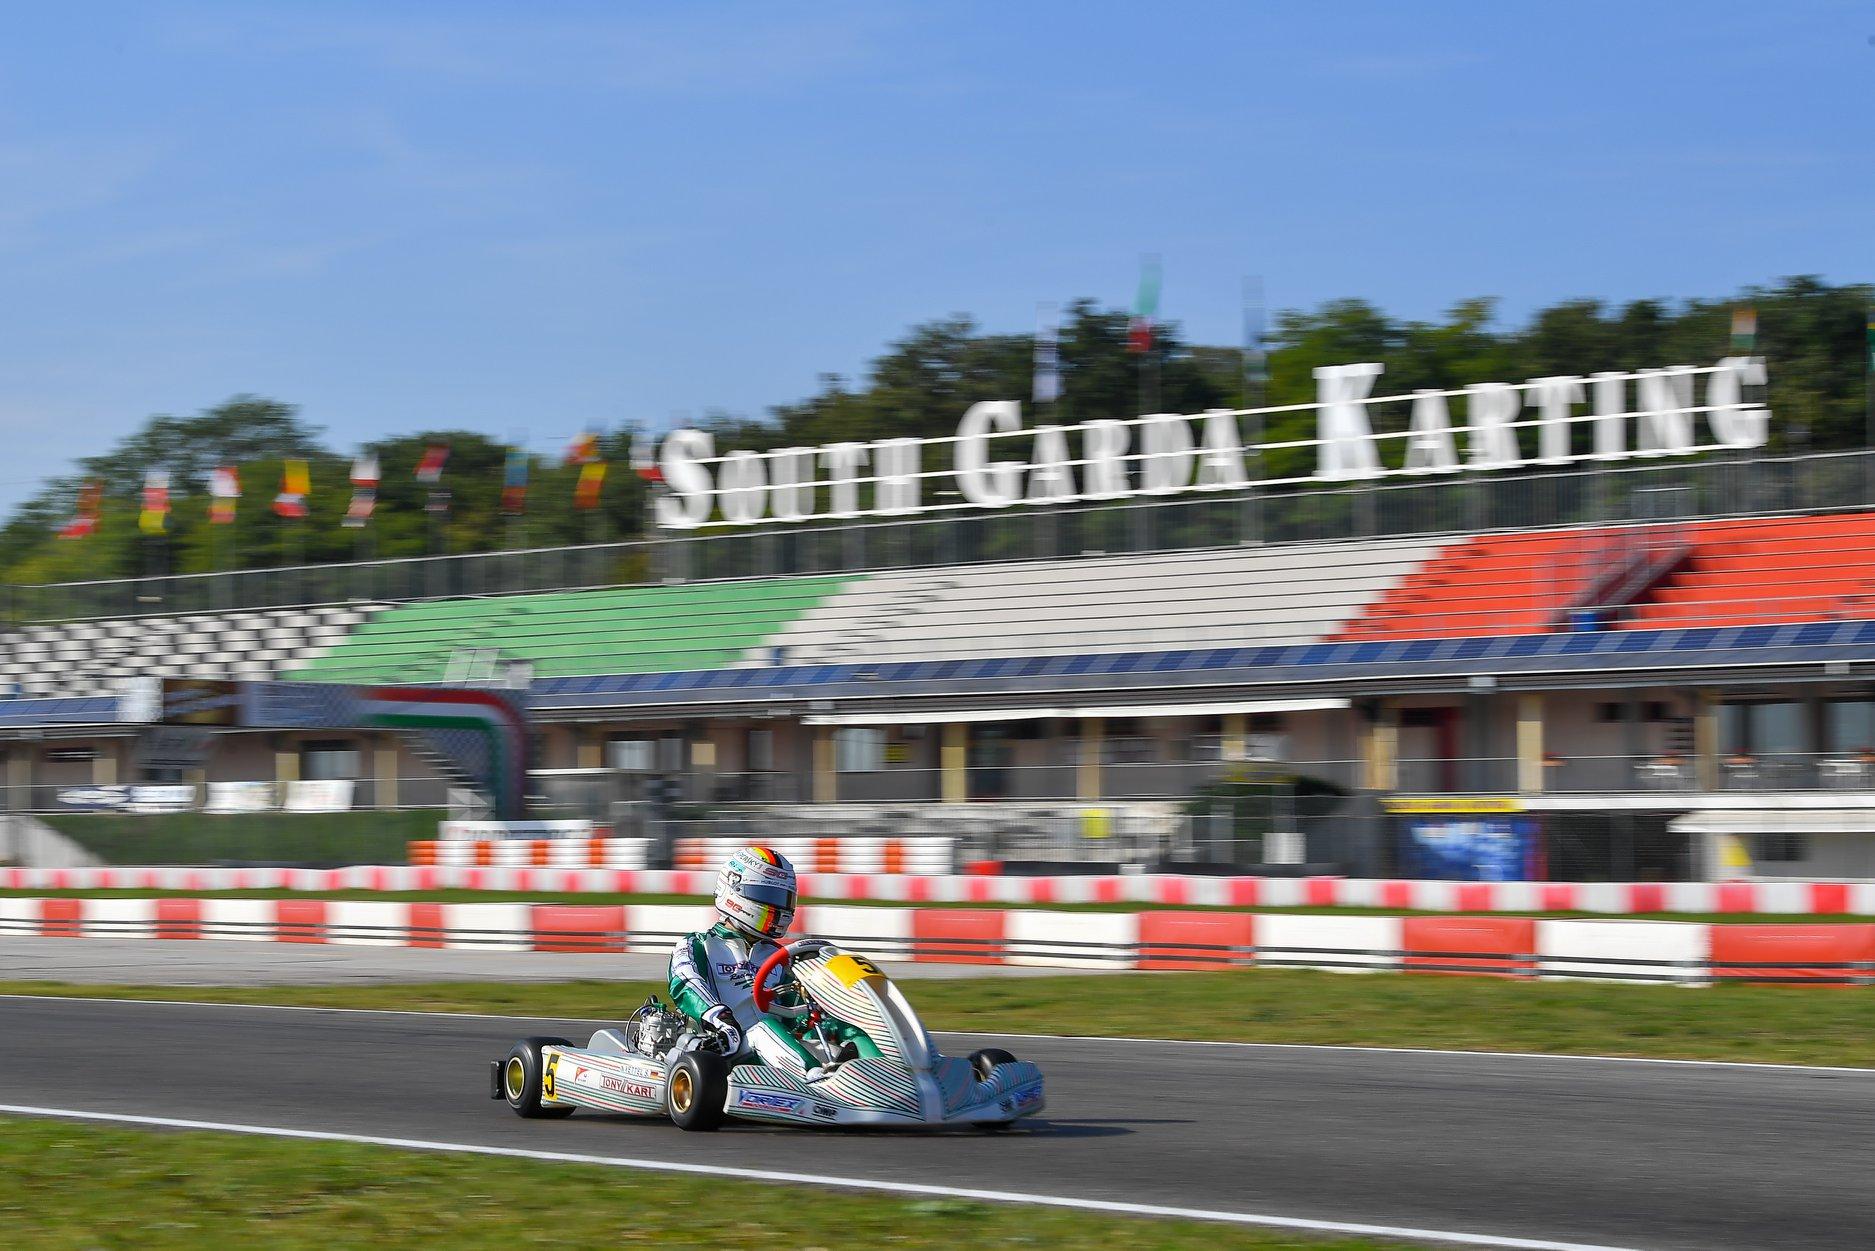 Sebastian_Vettel_testing_Tony_Kart_0026